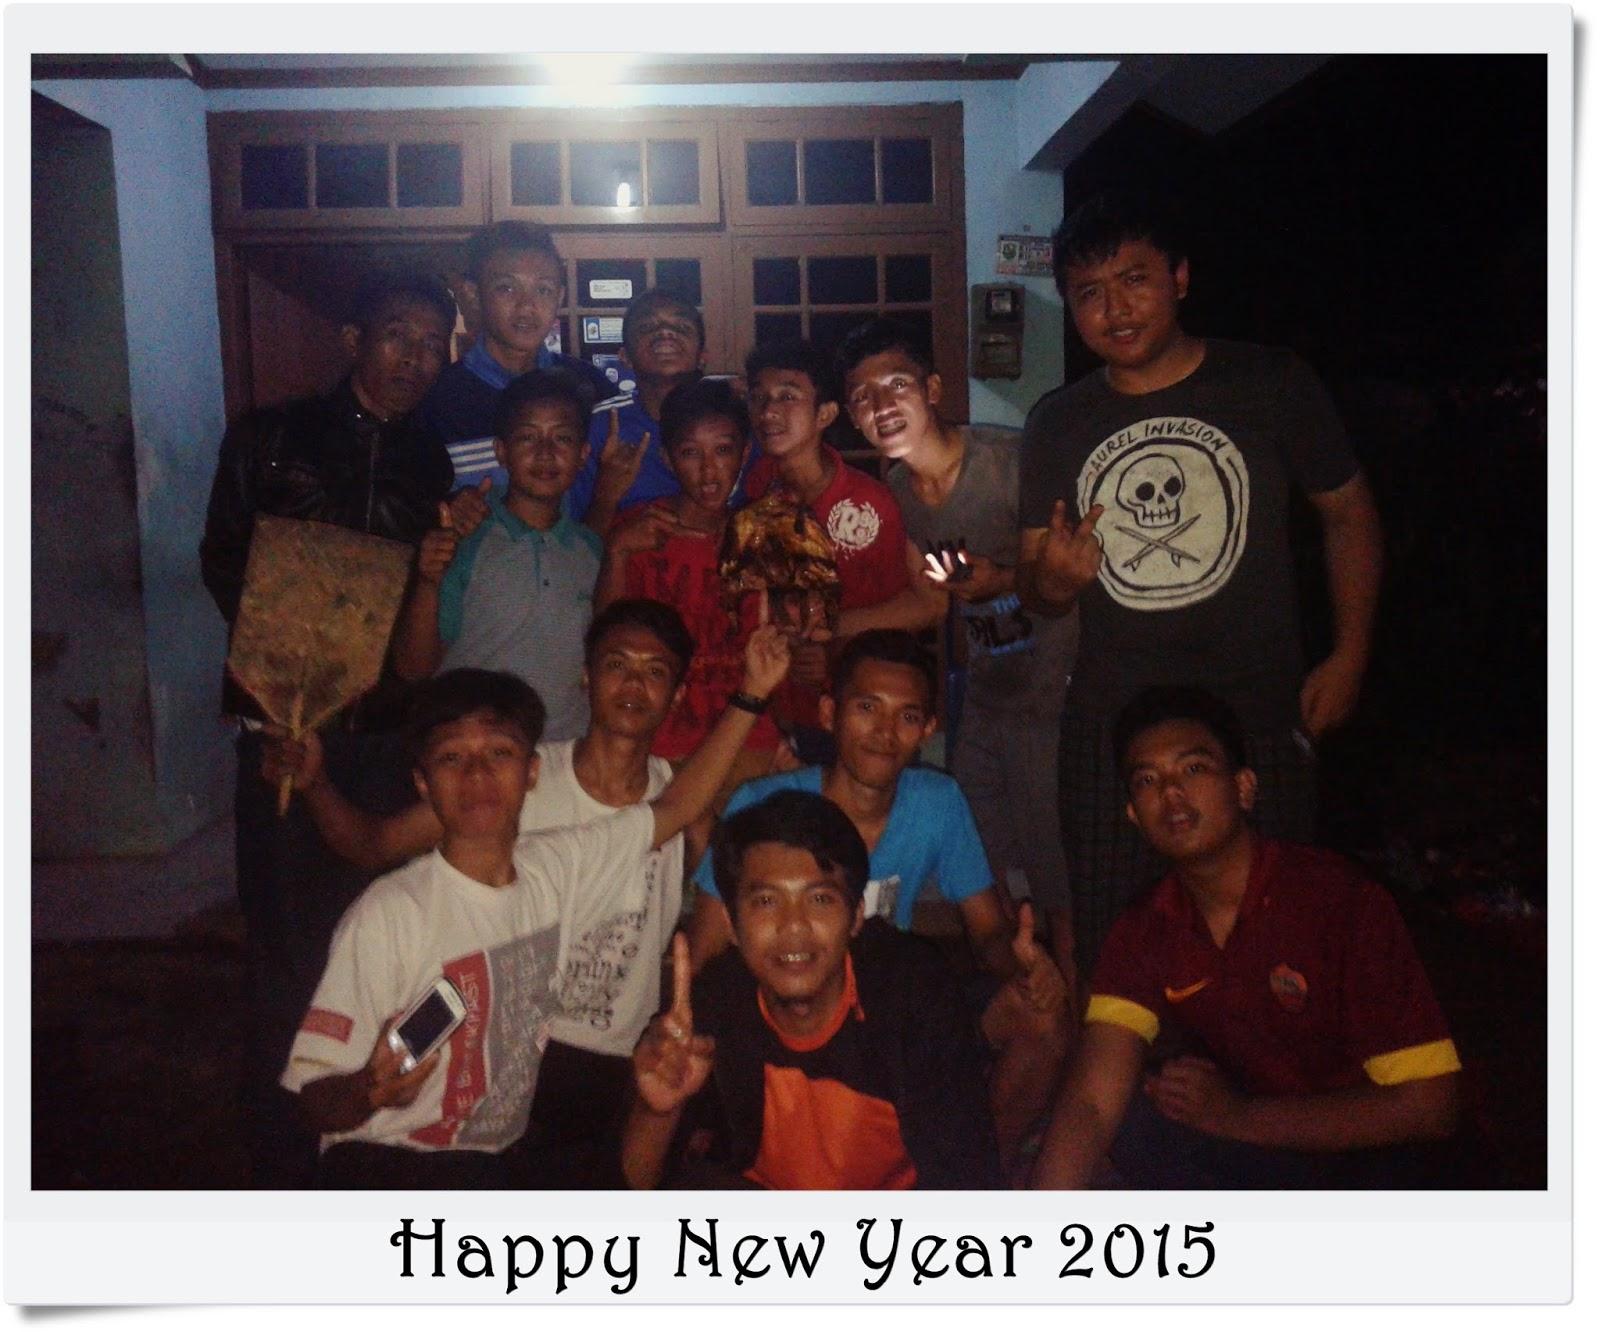 ayam, tahun baru, bakar-bakar, ayam bugil, daging ayam, sate new year, am3,